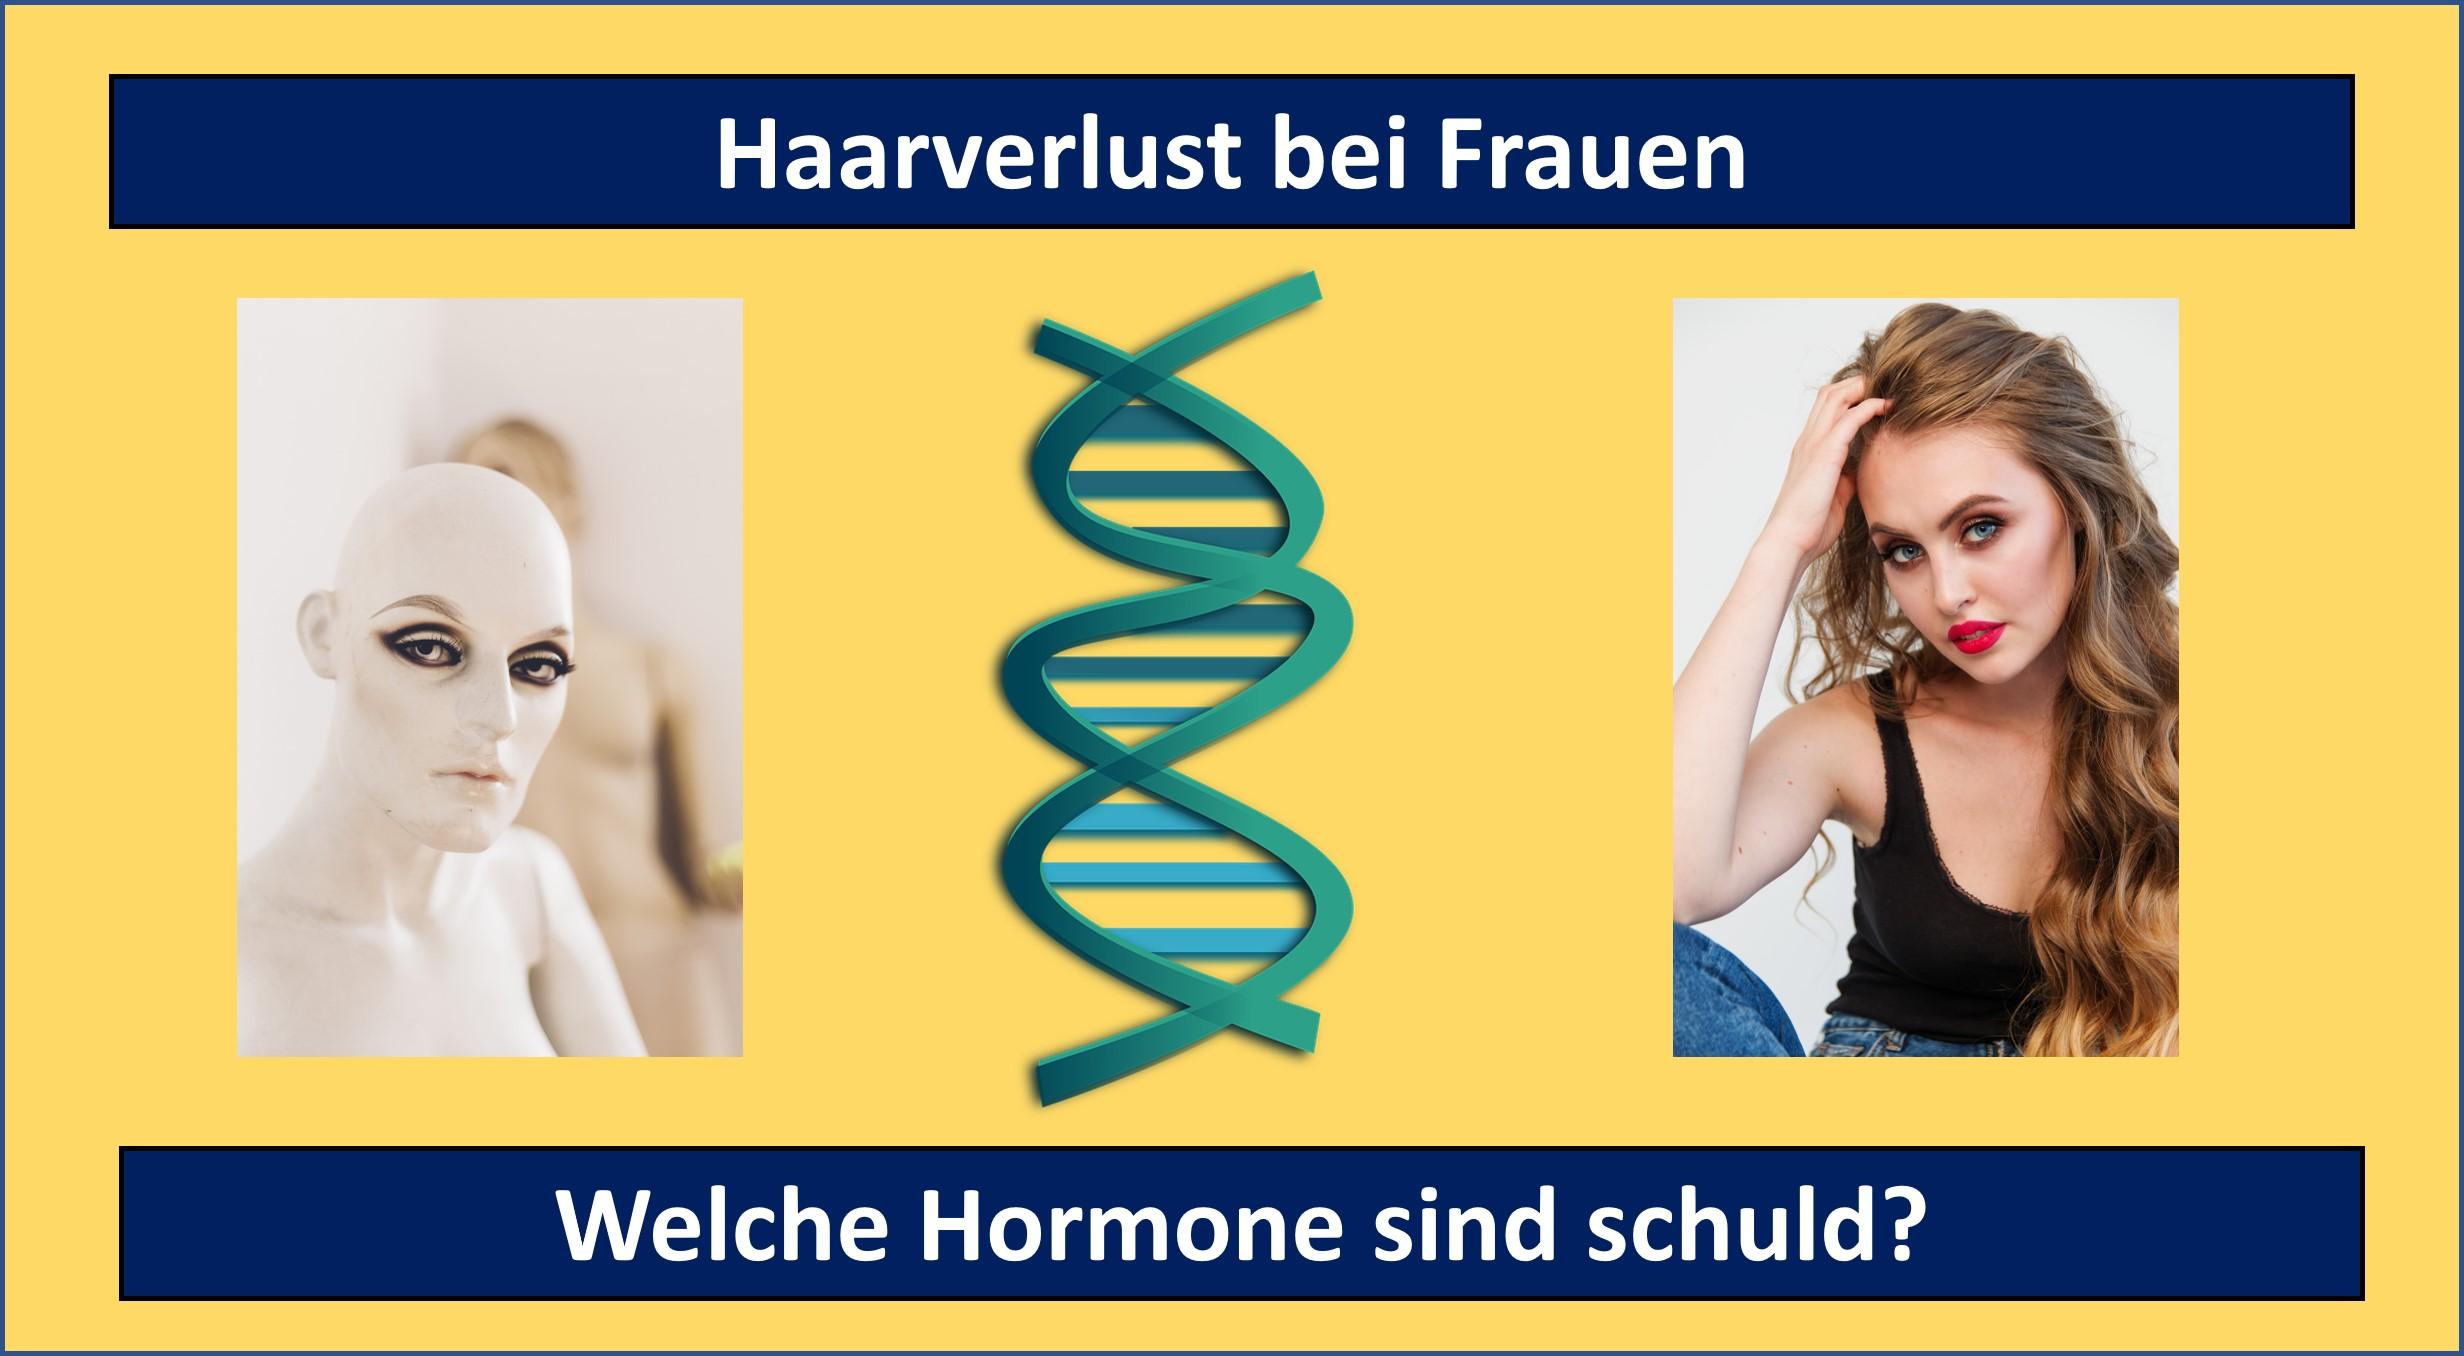 Haarausfall bei Frauen - welche Hormone verursachen ihn